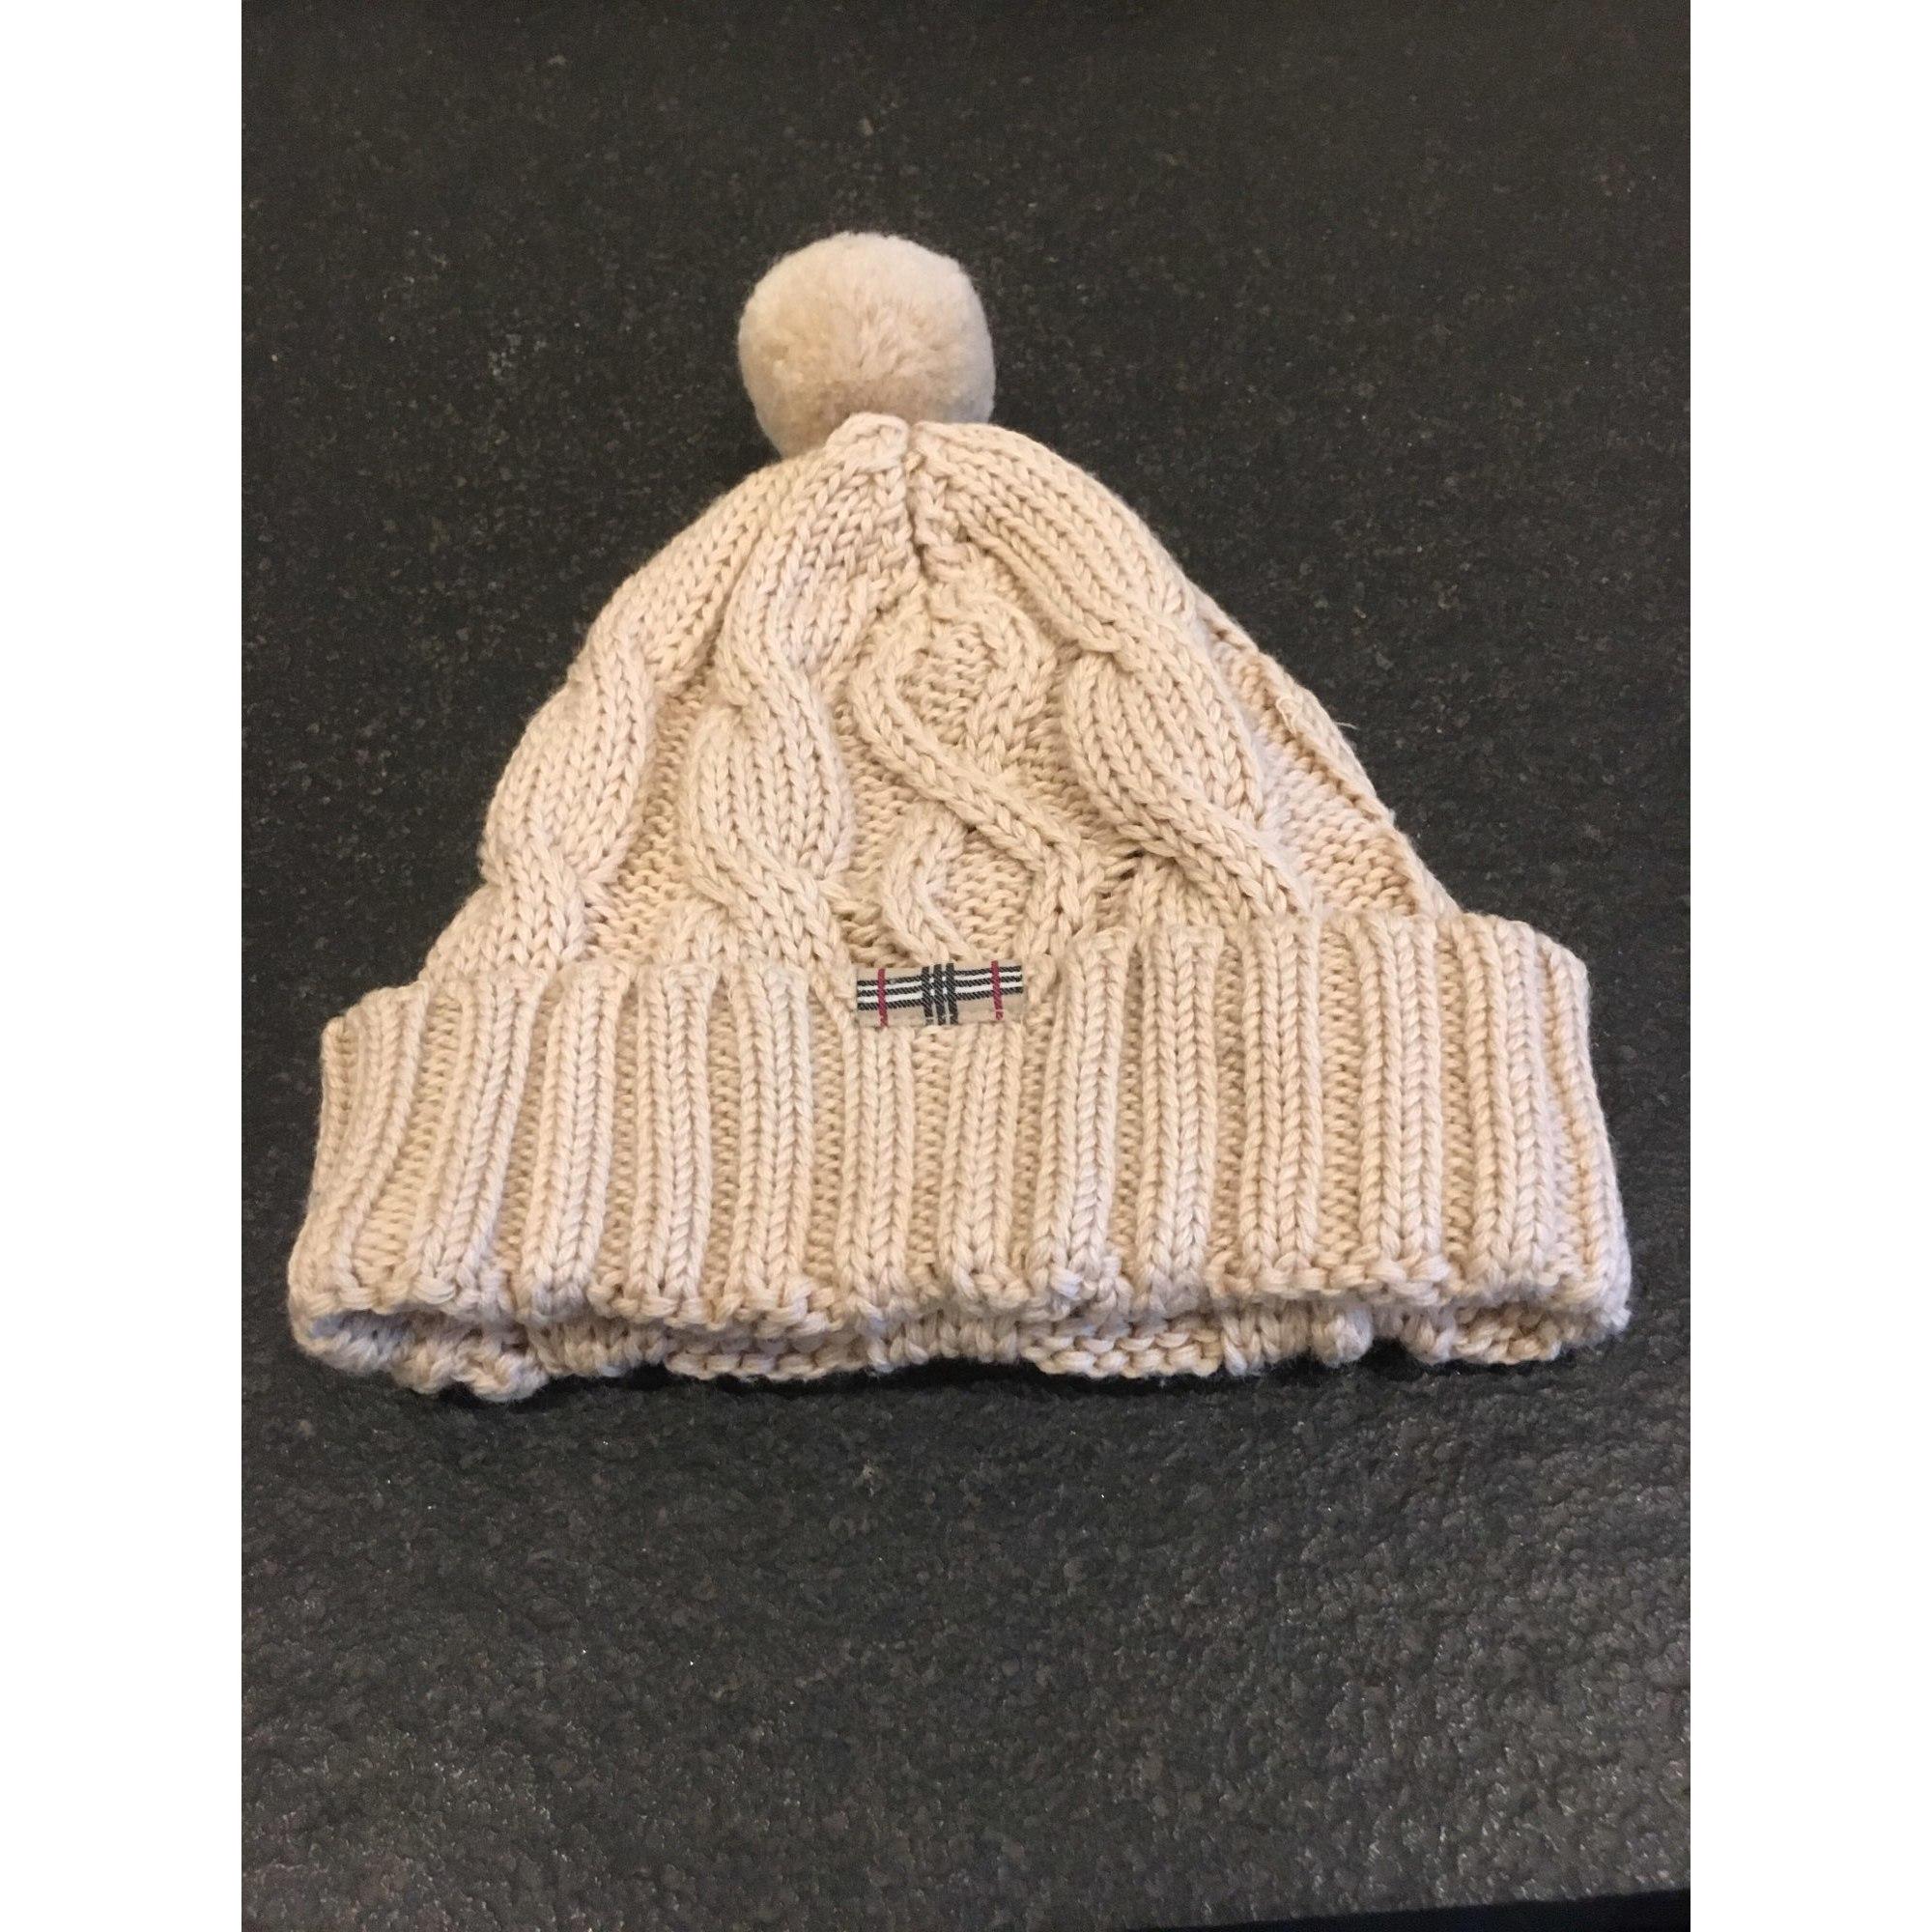 Bonnet BURBERRY 13-14 ans beige vendu par La boutique de drole 2 ... 8eabc3c400a